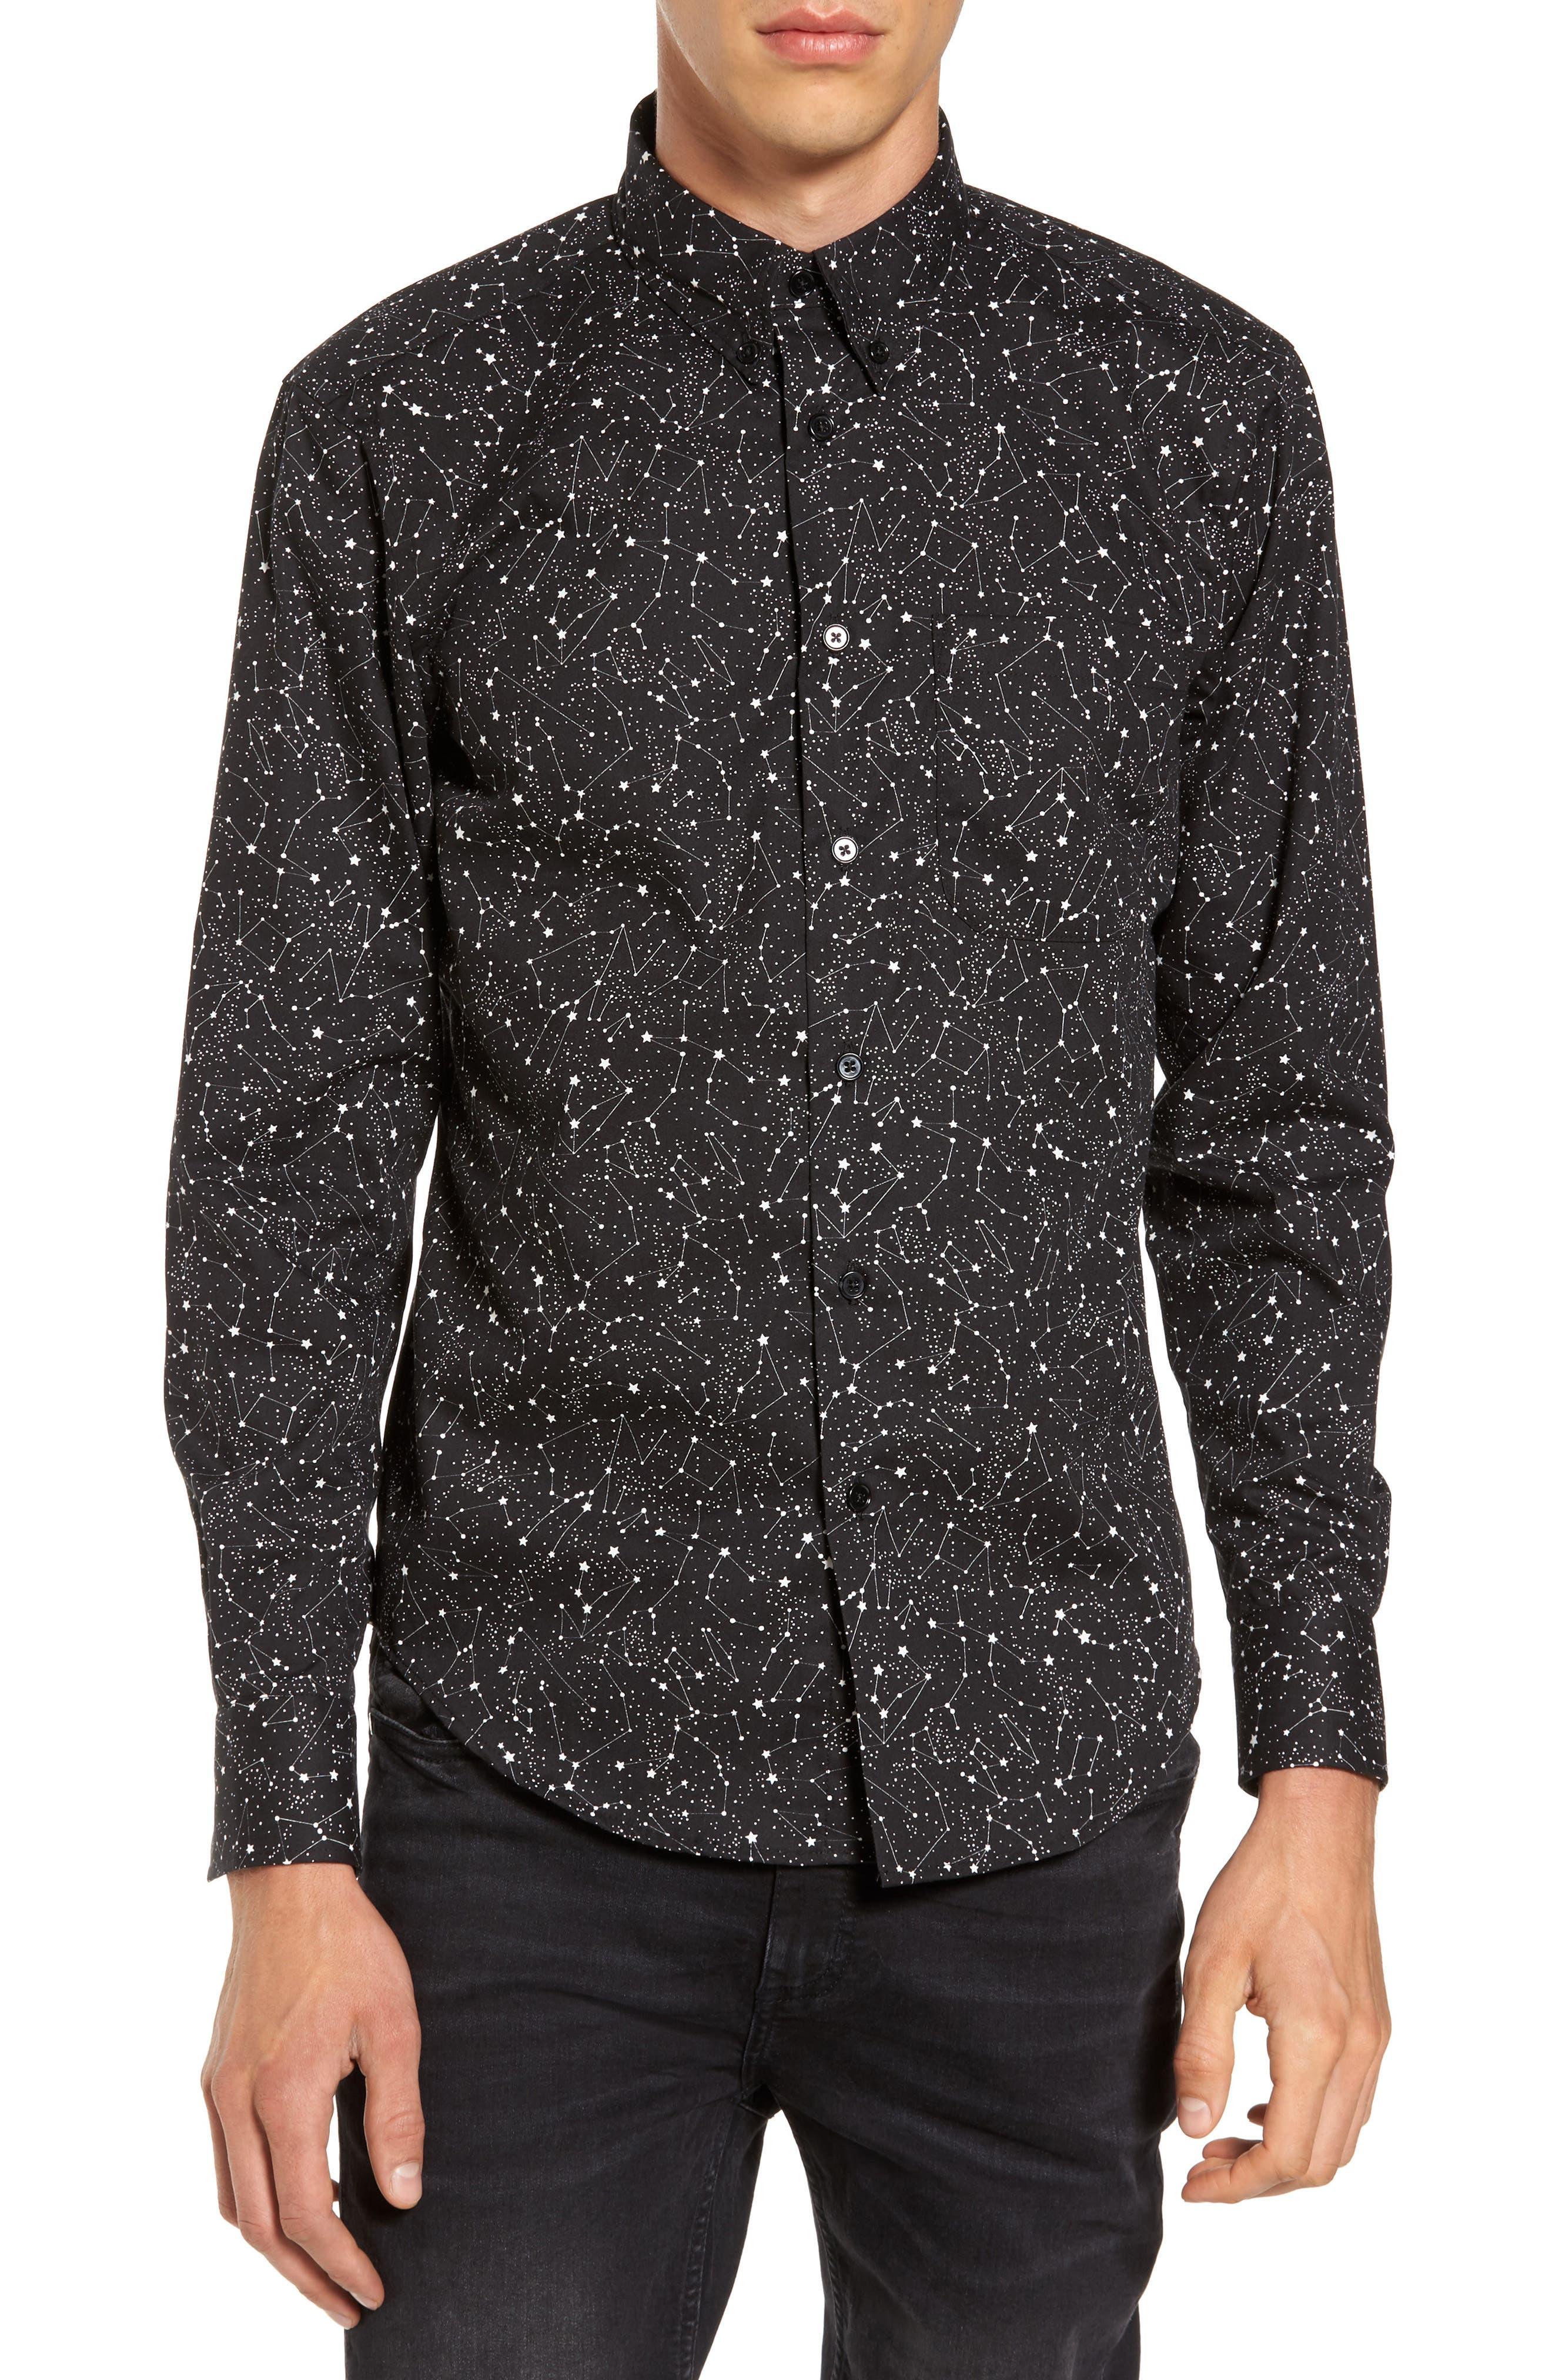 Constellations Shirt,                             Main thumbnail 1, color,                             001